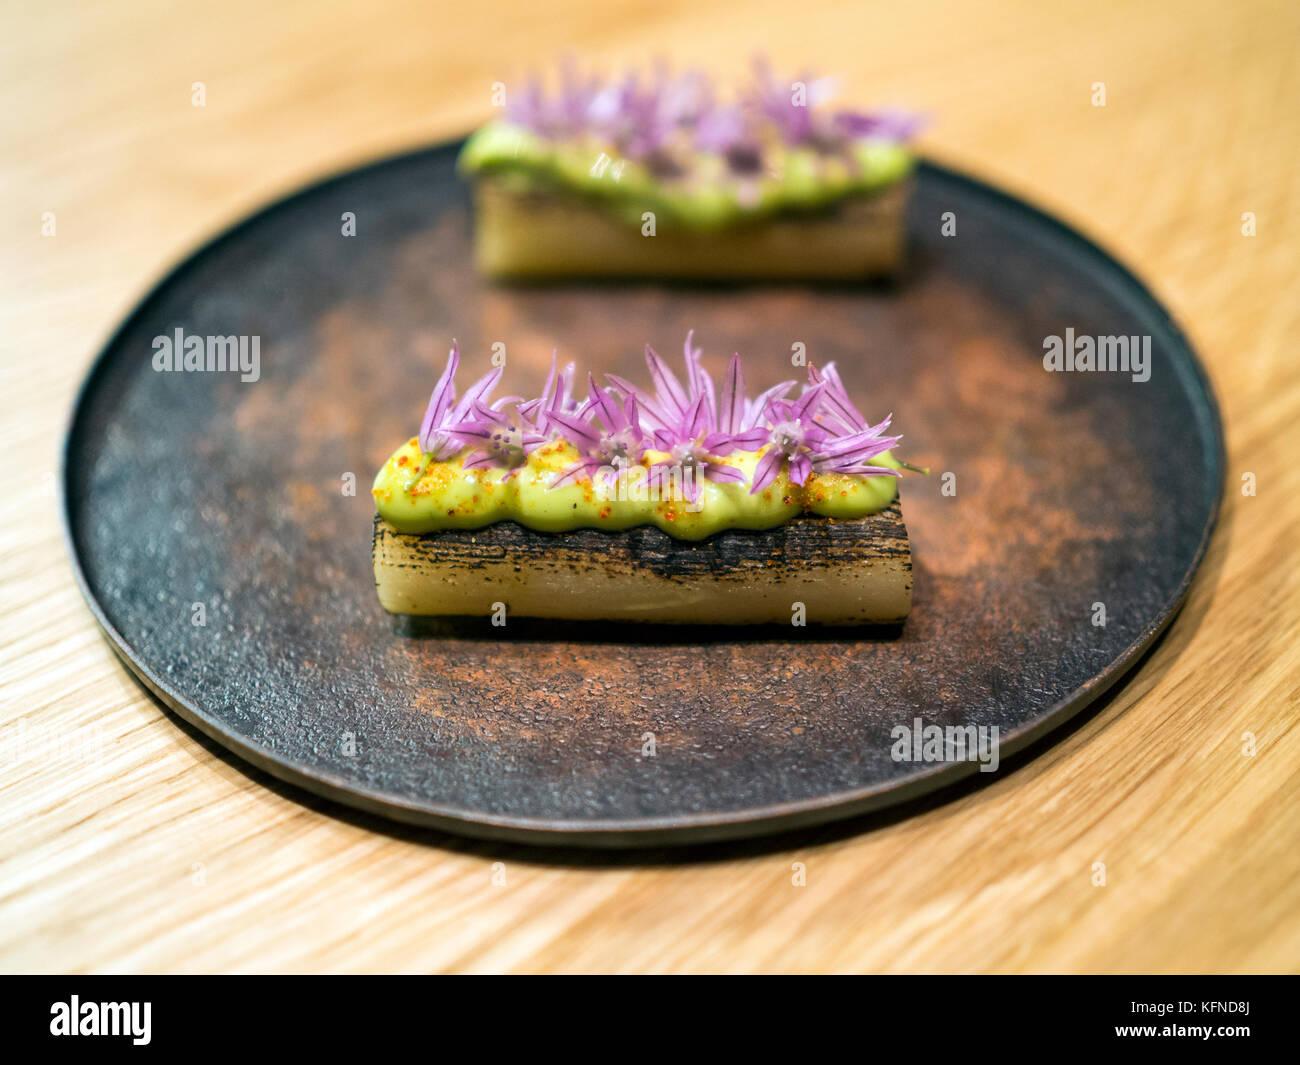 Poireau carbonisé avec fleurs de ciboulette sauvage cuit par pai holmberg de bifångst, un siège deux Photo Stock